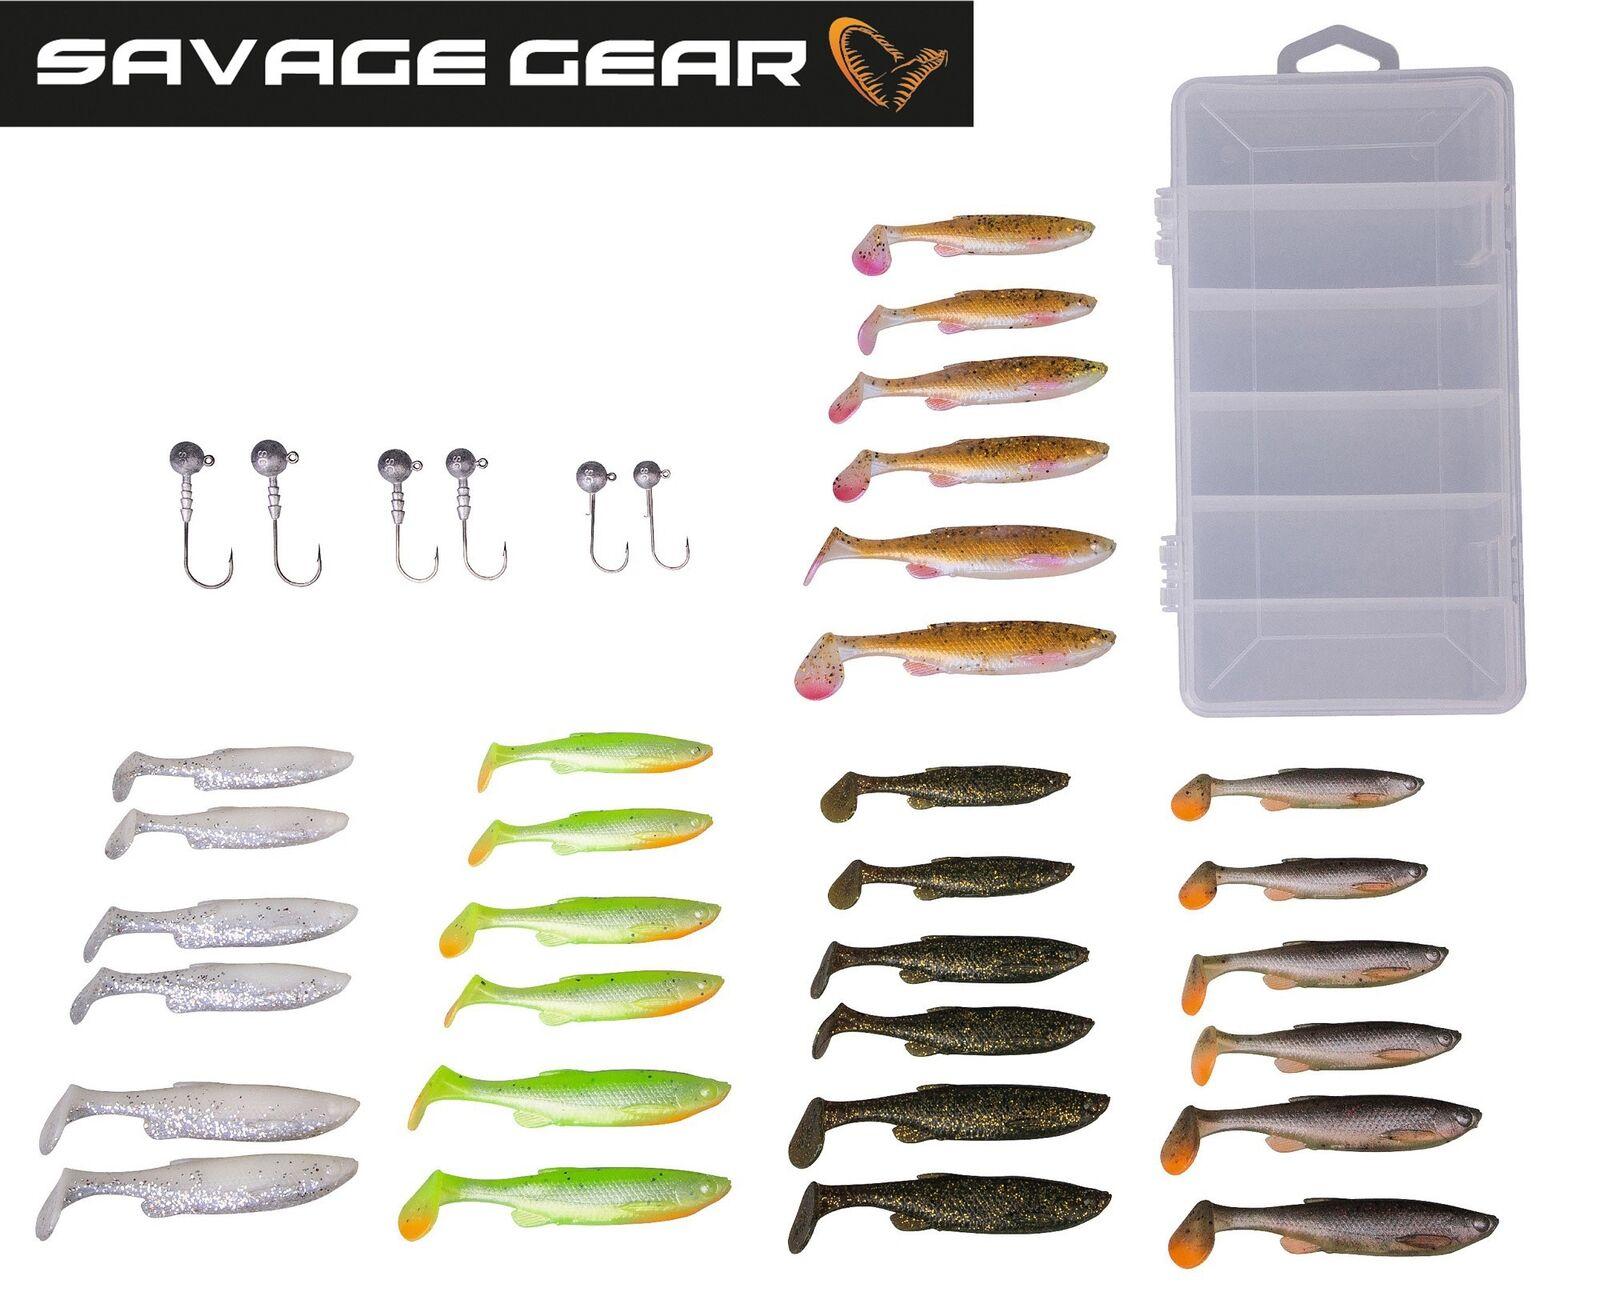 Savage Gear Fat Minnow T-Tail 30 Gummifische +6 Jighaken, Köder zum Spinnangeln  | Moderater Preis